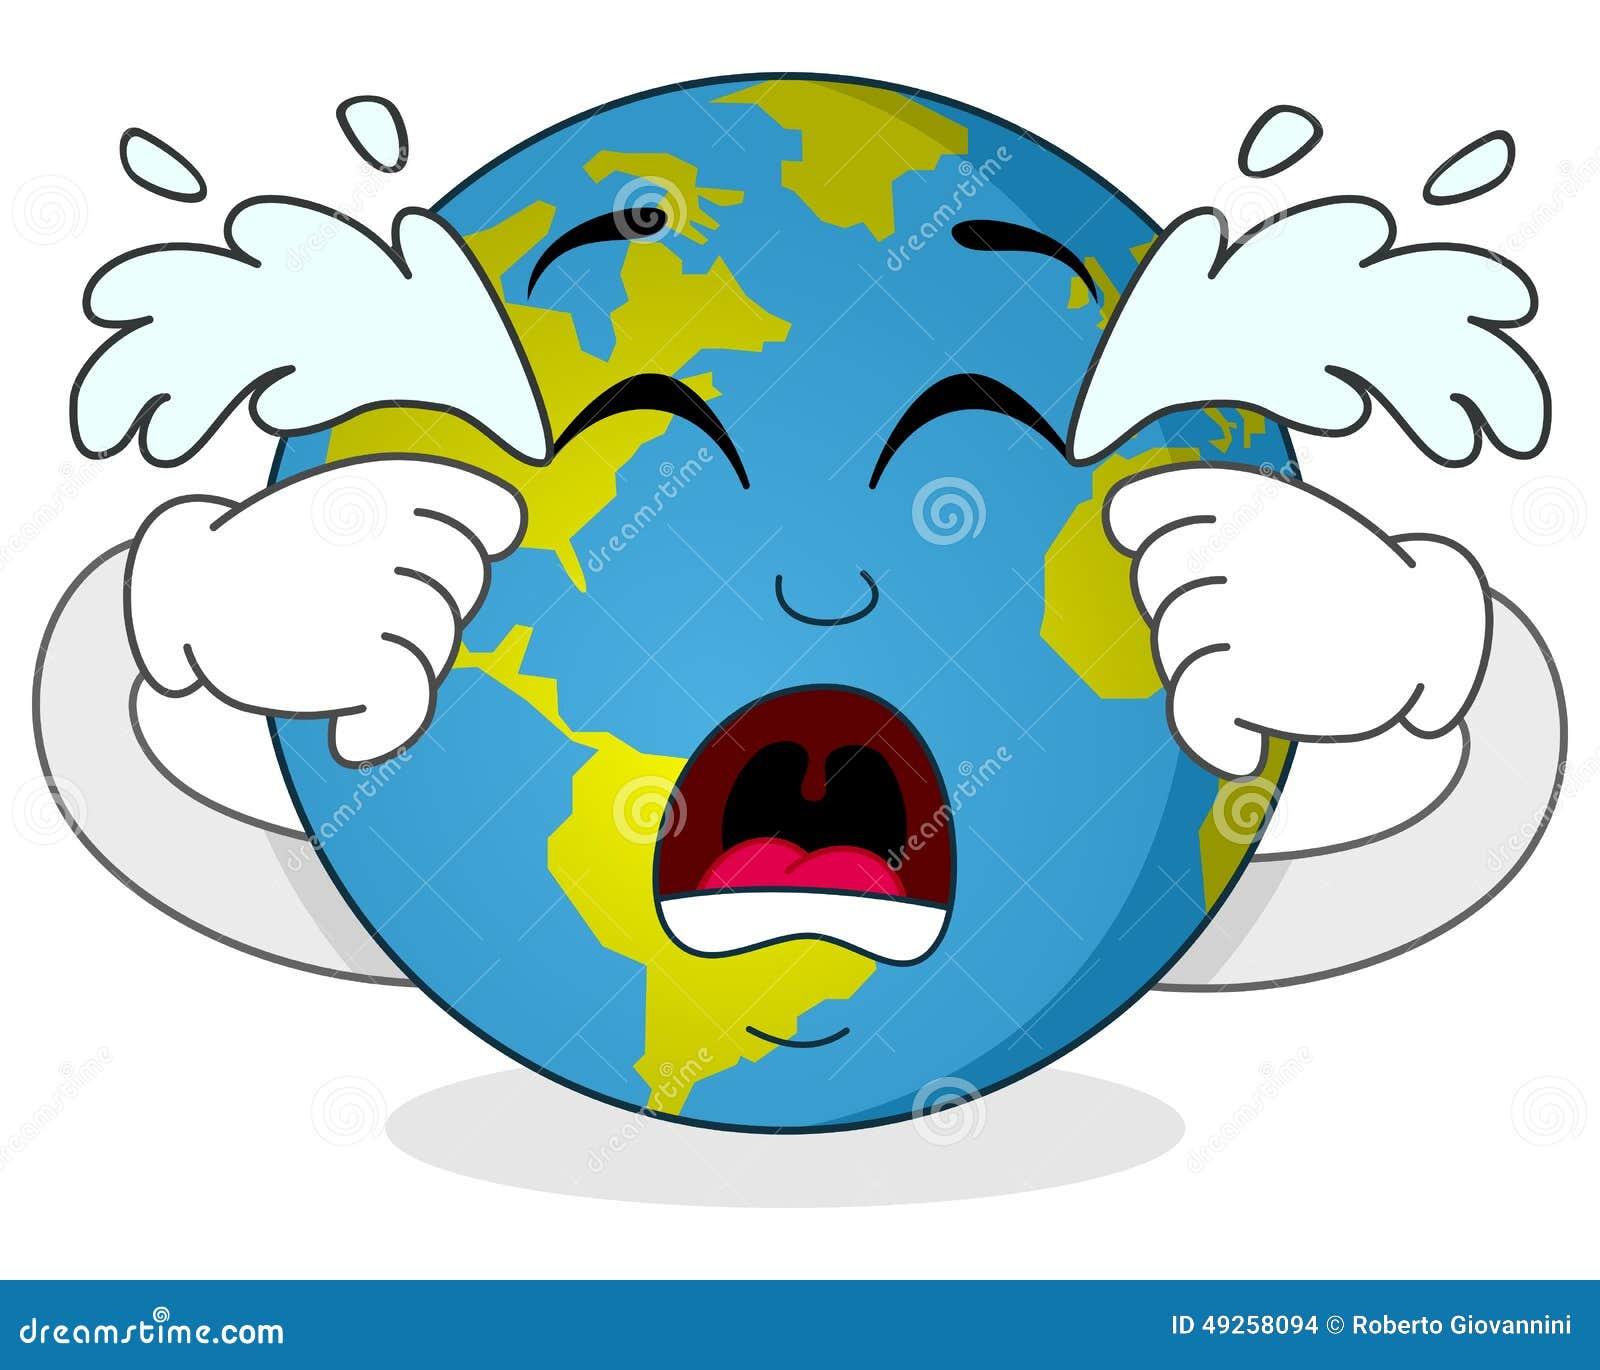 Personaje De Dibujos Animados Gritador Triste De La Tierra